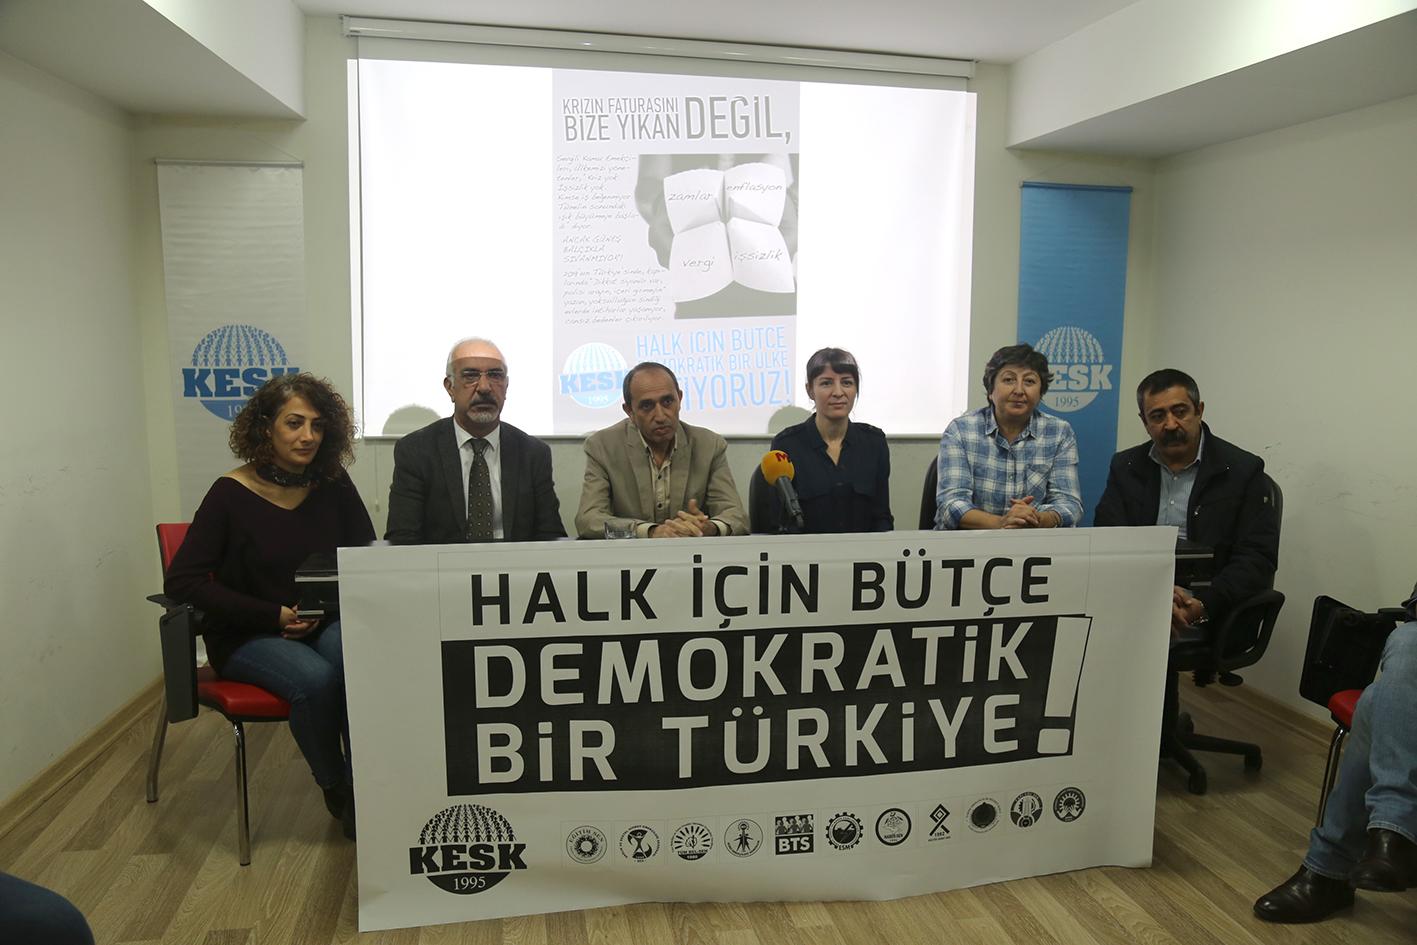 KESK: Halk İçin Bütçe, Demokratik Bir Türkiye İstiyoruz!